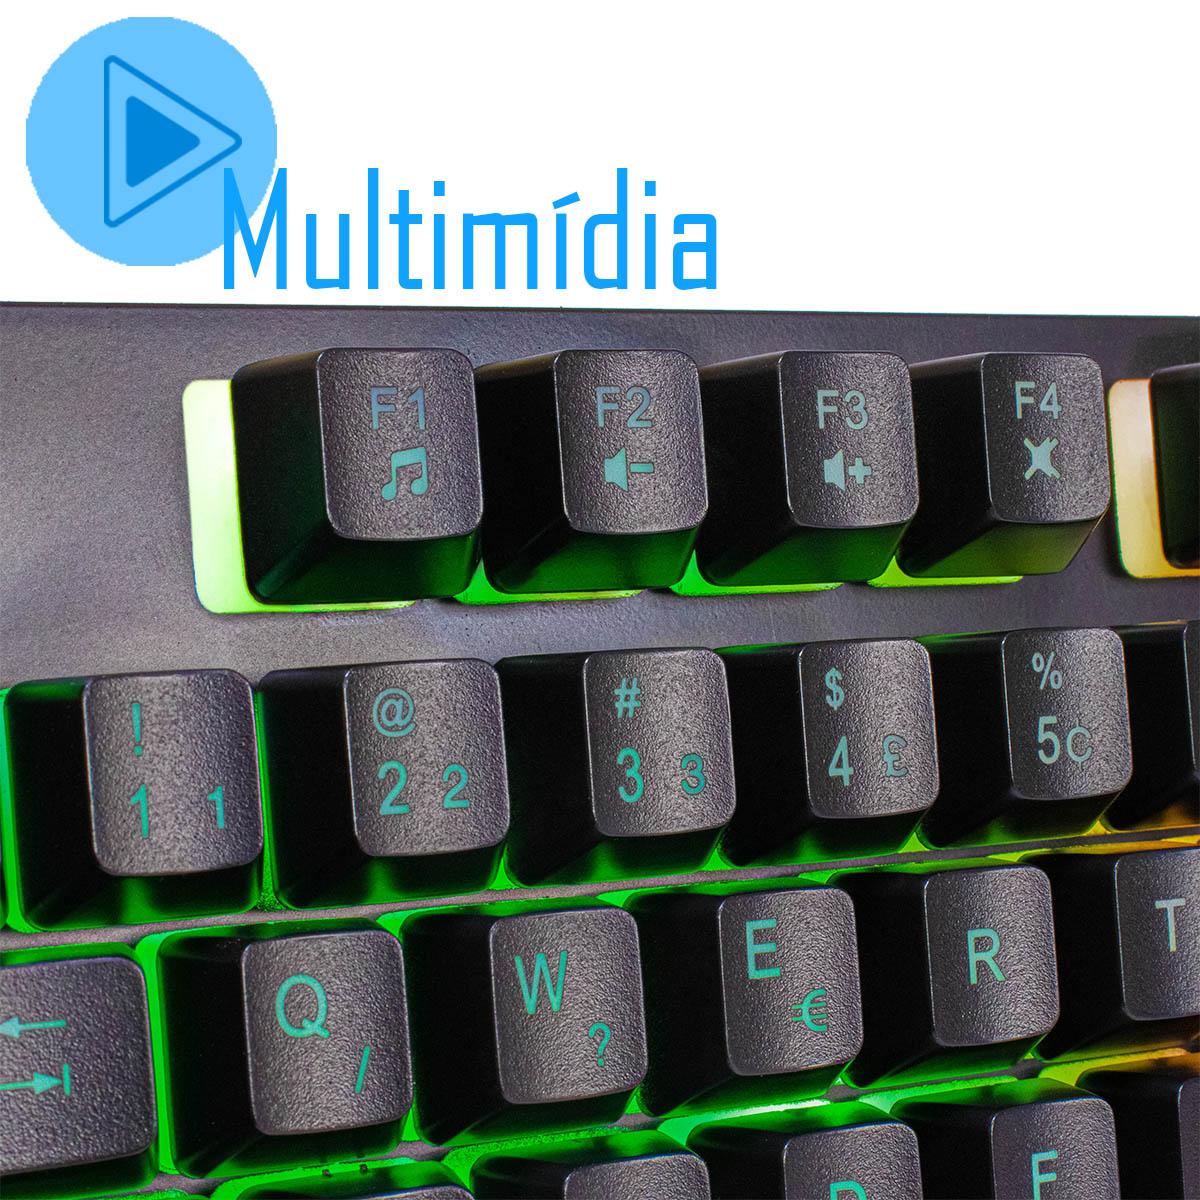 KIT Gamer Teclado + Mouse + Mouse Pad com LED Gamer BM-T06 + GM-V550 + MP-LED3080